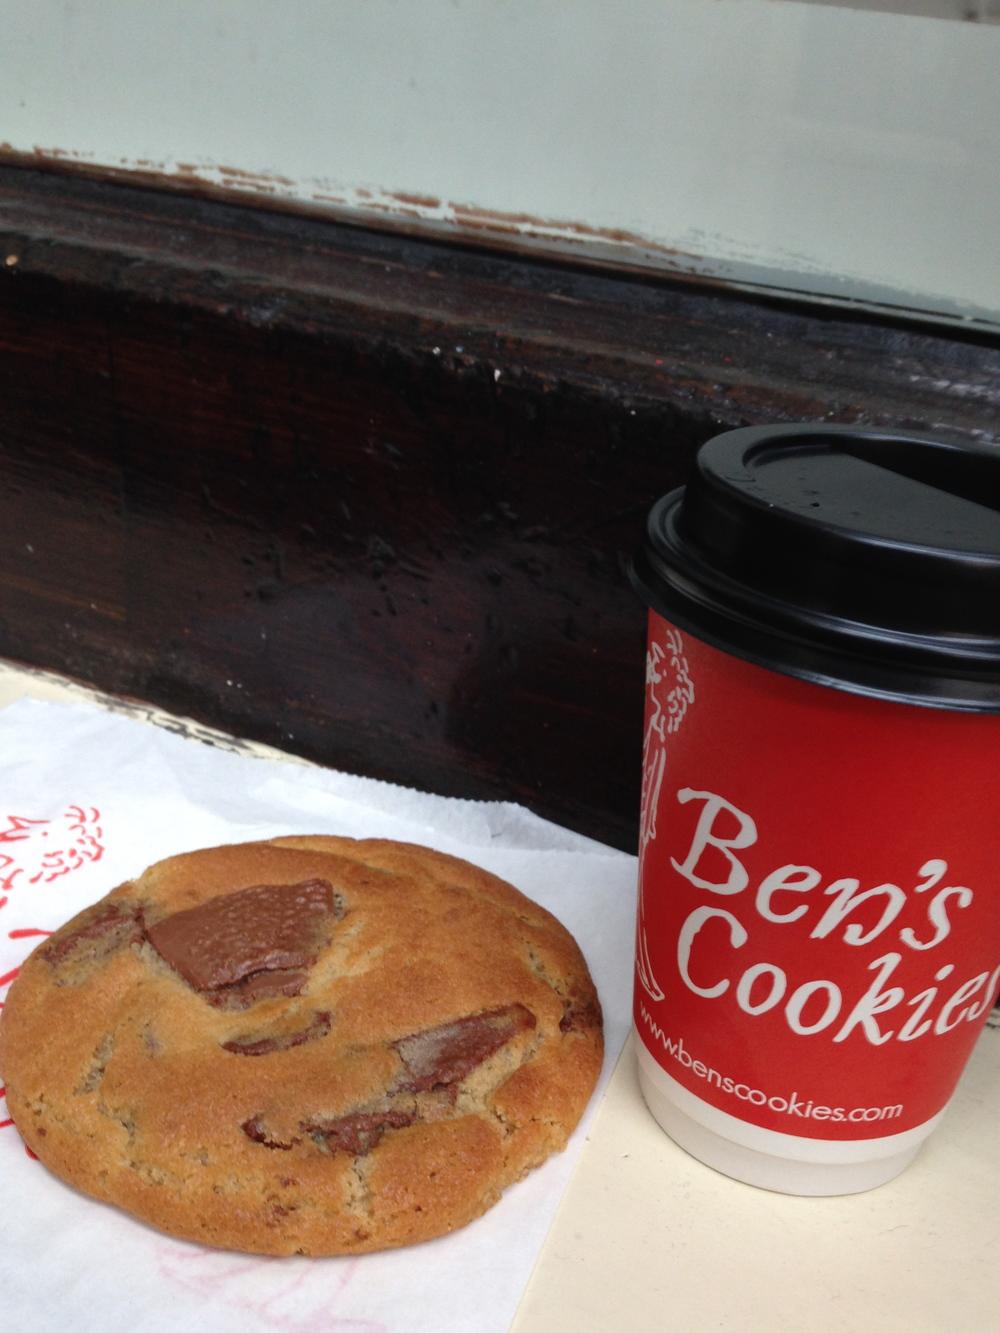 Ben's Cookies in Covent Garden